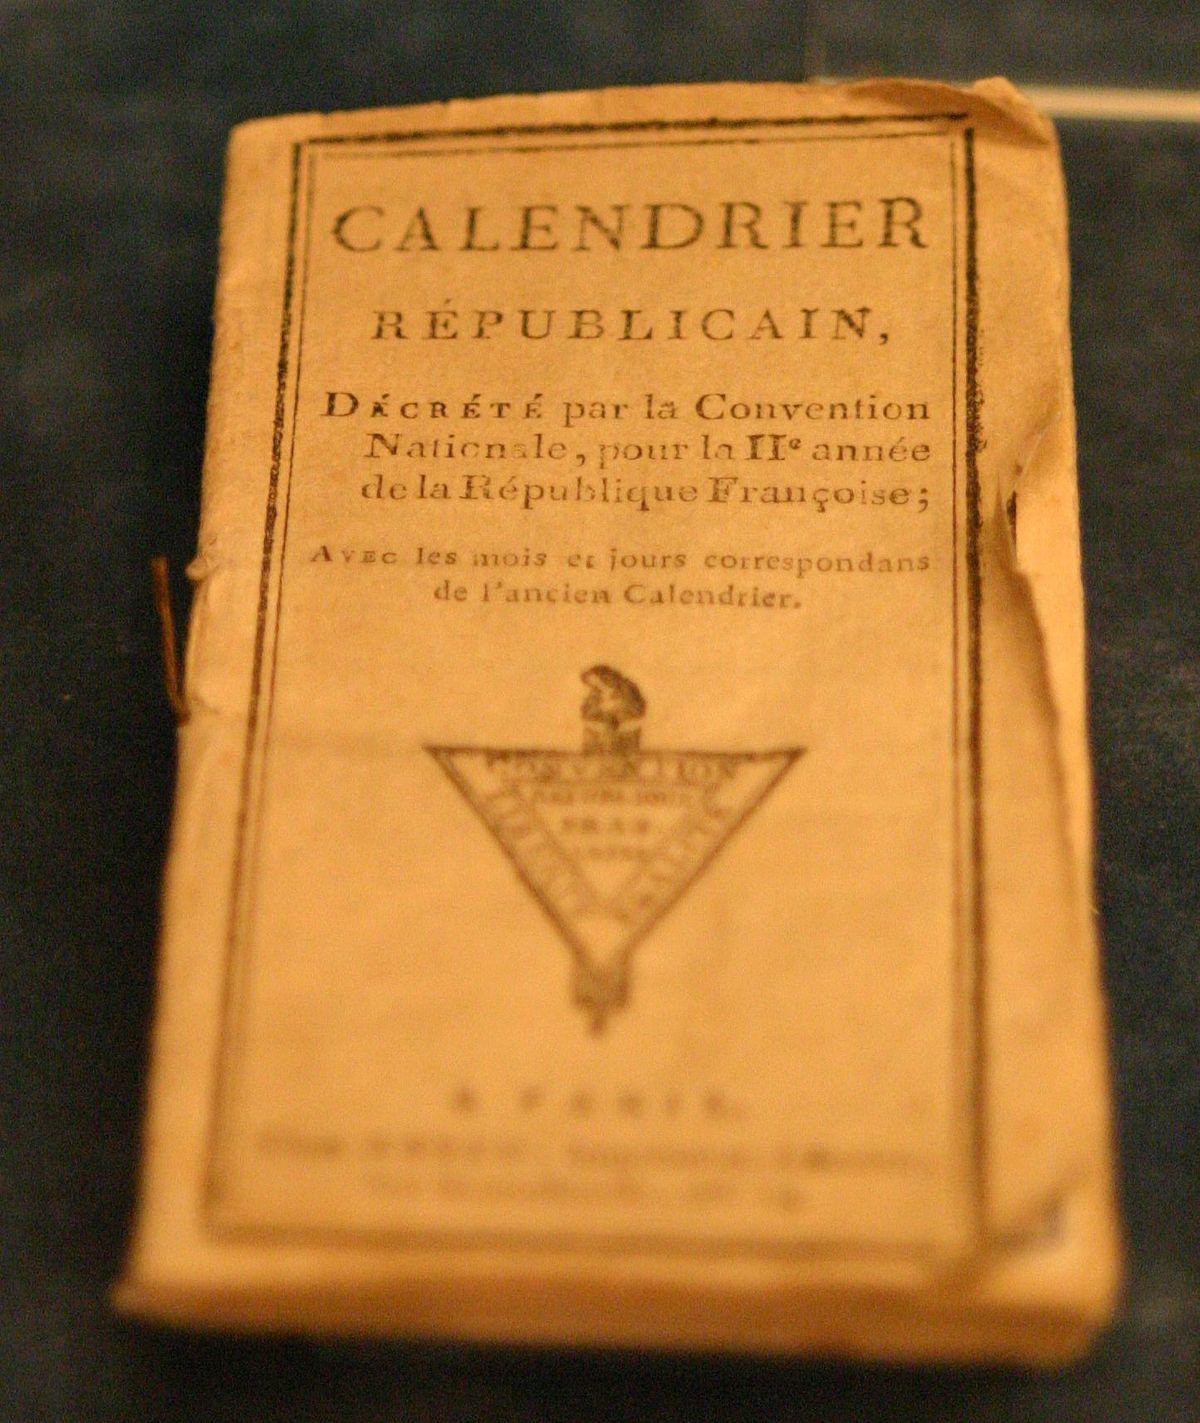 Calendrier Revolutionnaire Conversion.Calendrier Republicain Wikipedia